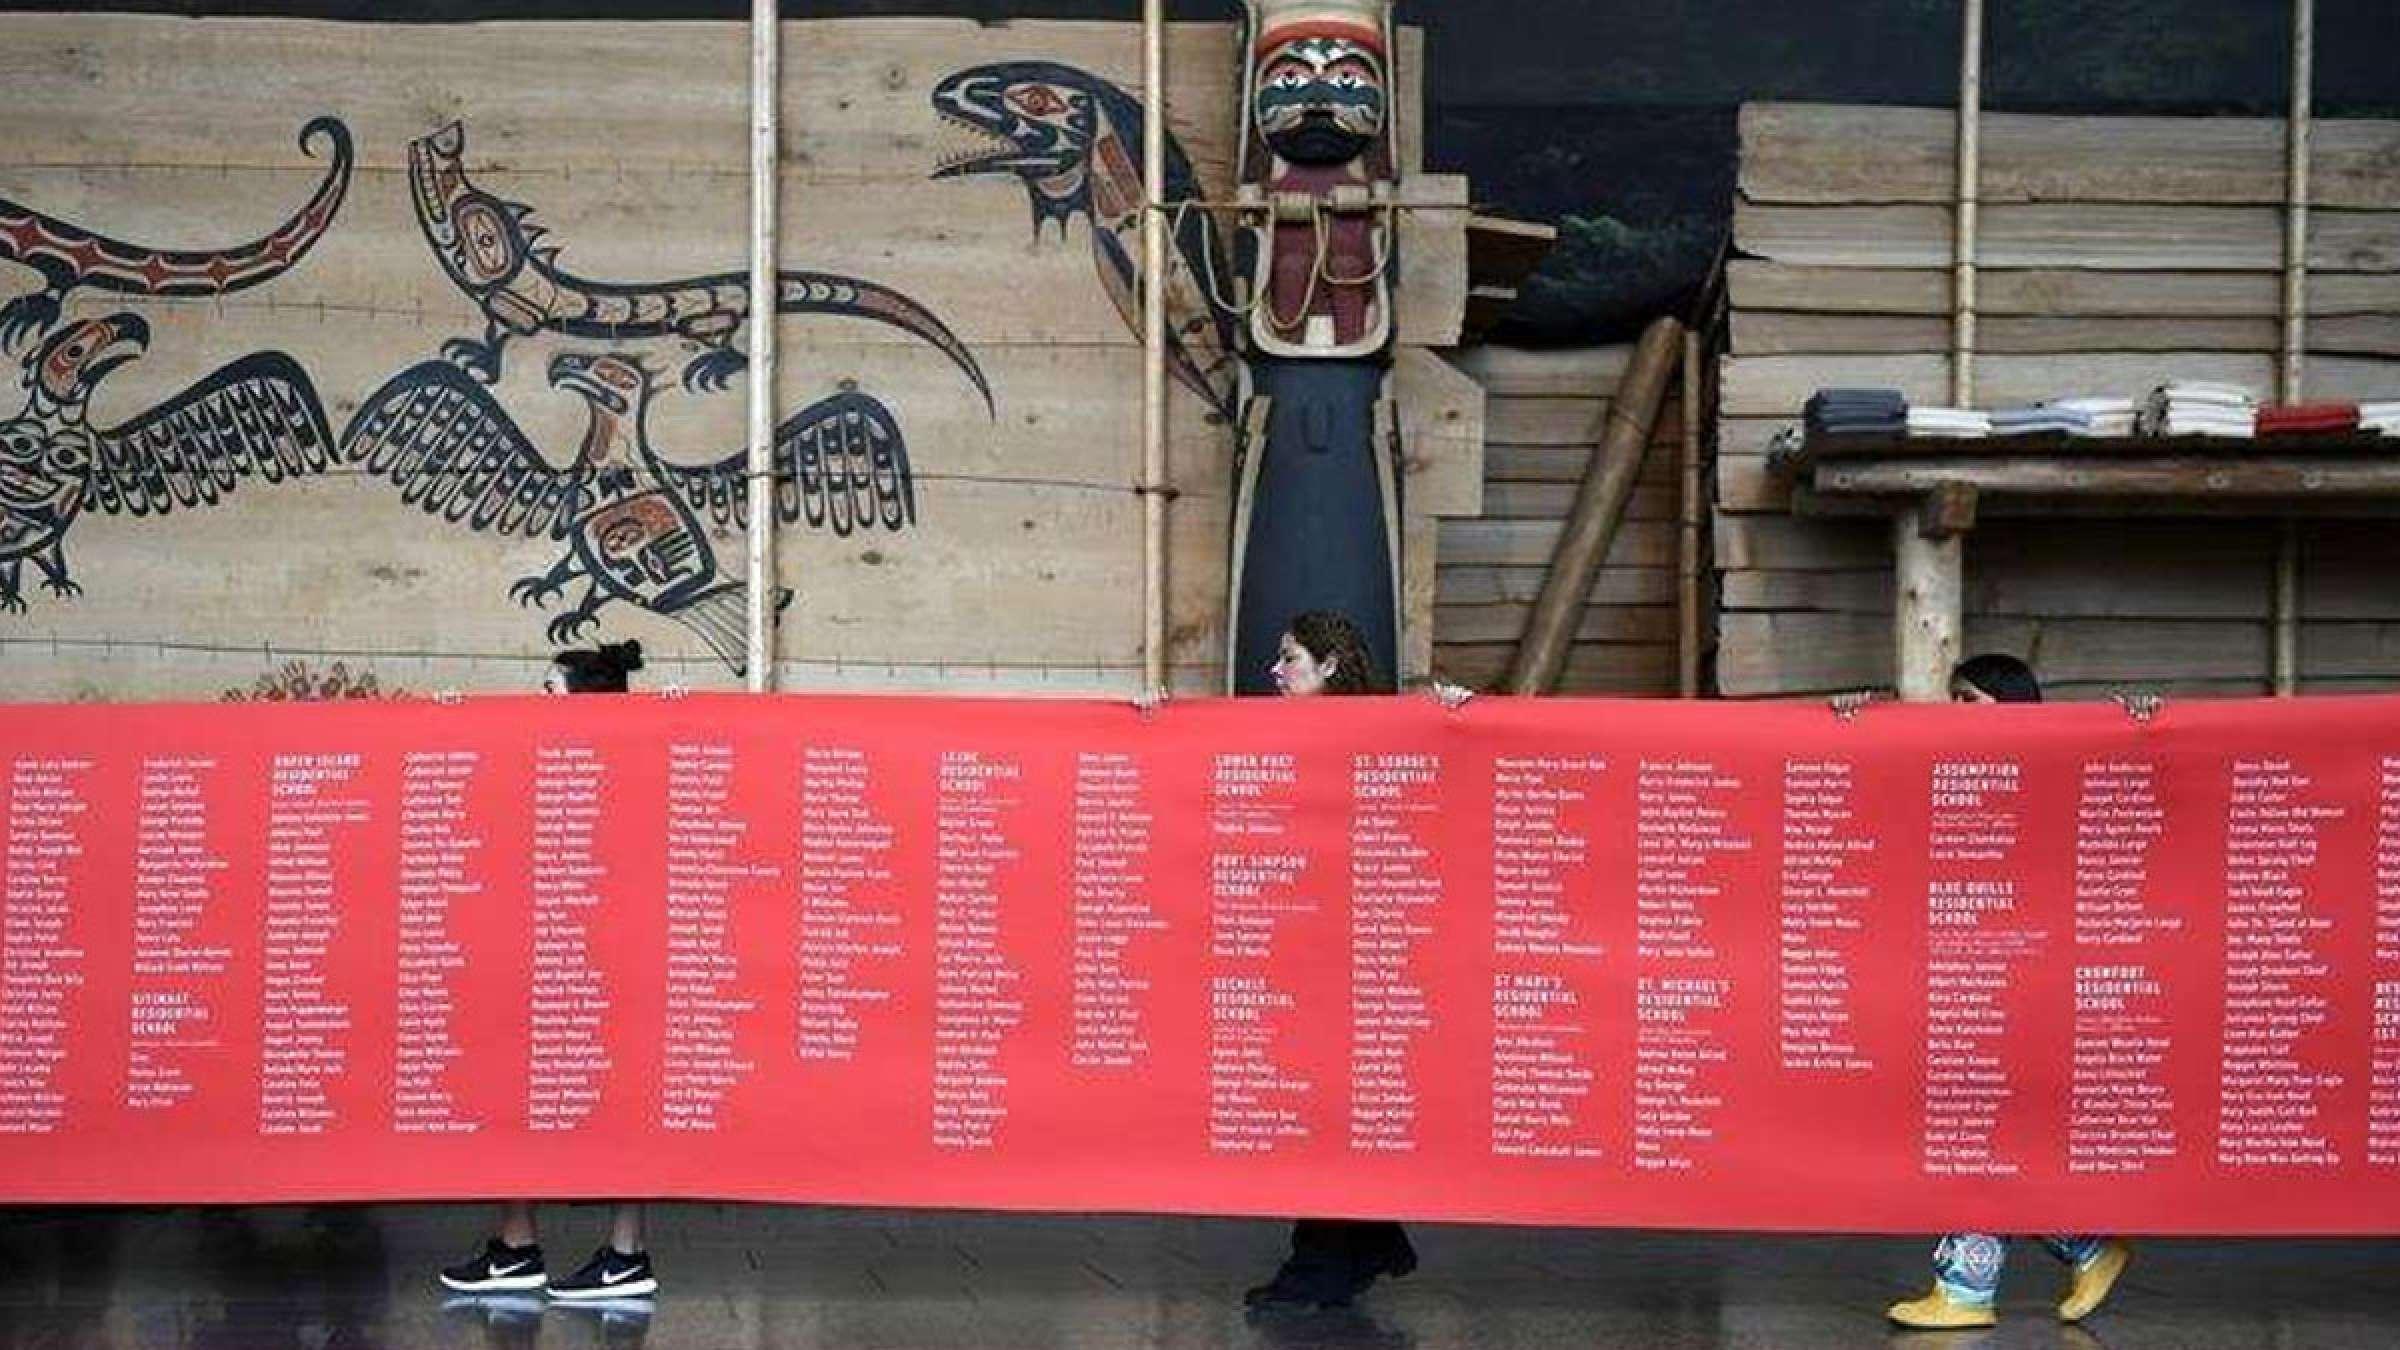 اخبار-کانادا-پایان-پرونده-غرامت-بومیان-کانادا-با-پرداخت-بیش-از-۳-بیلیون-دلاری-دولت